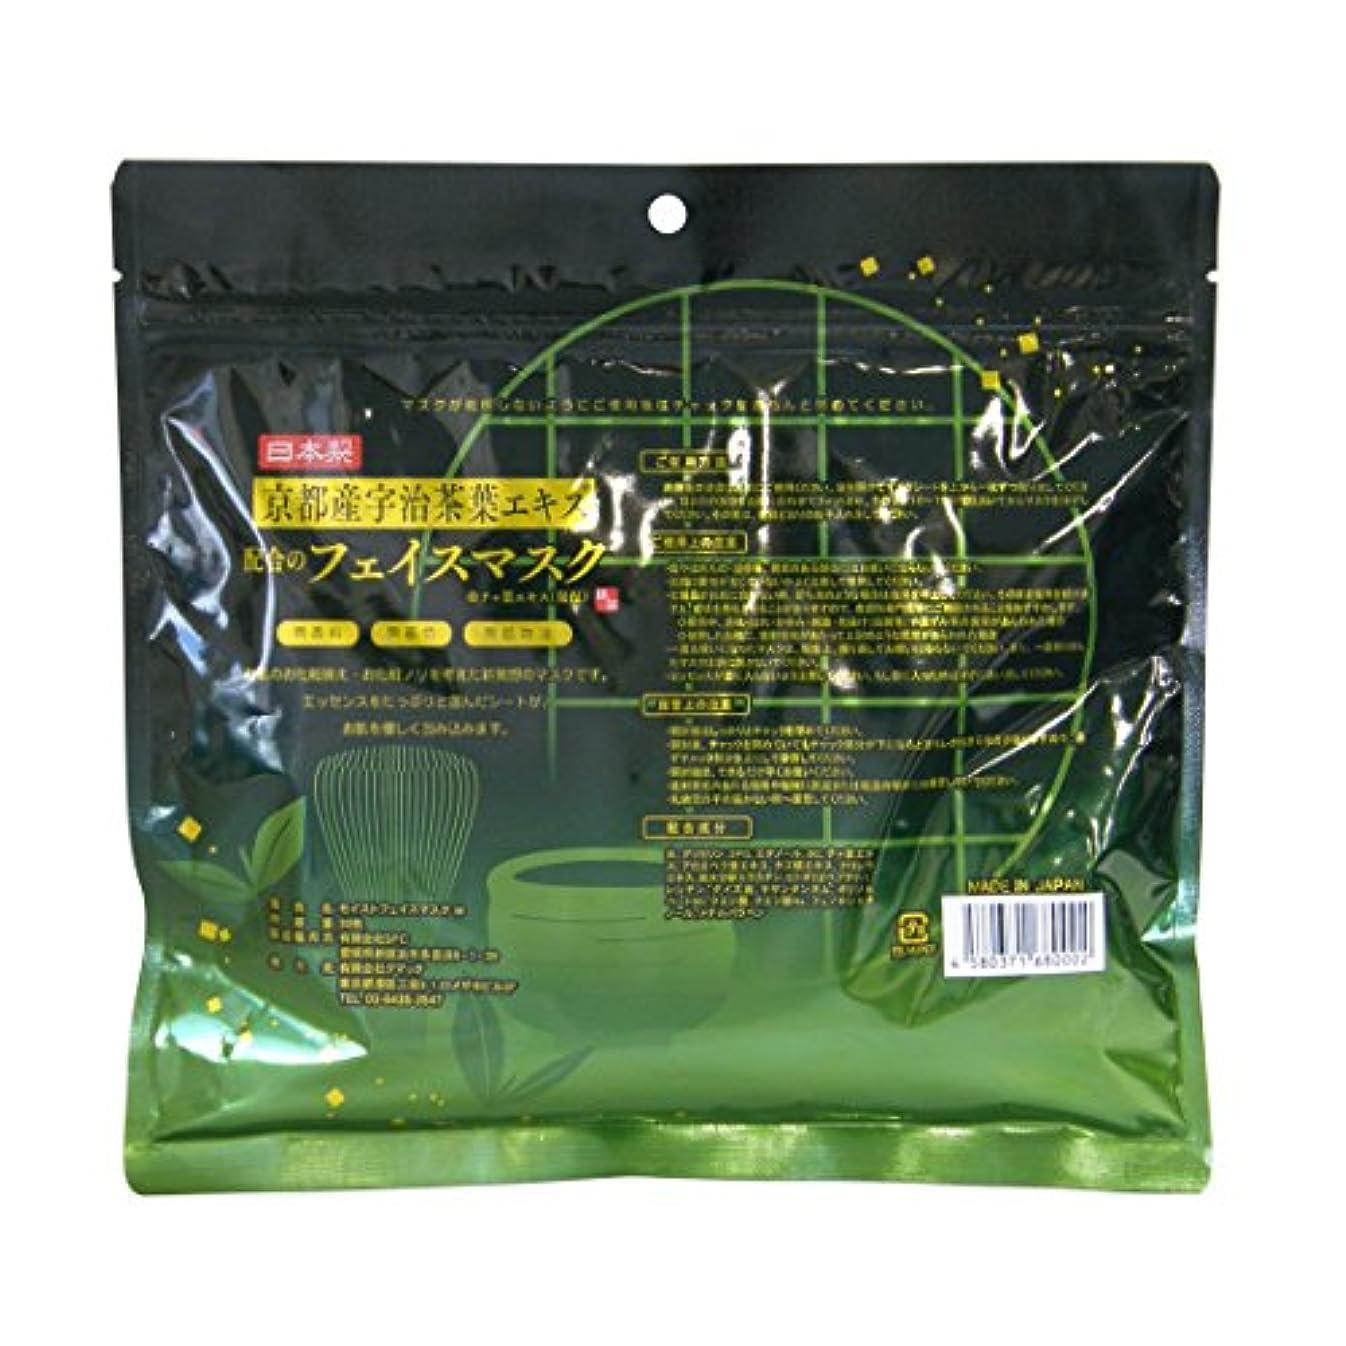 スコットランド人量同様の京都産宇治茶葉エキス配合フェイスマスク 30枚